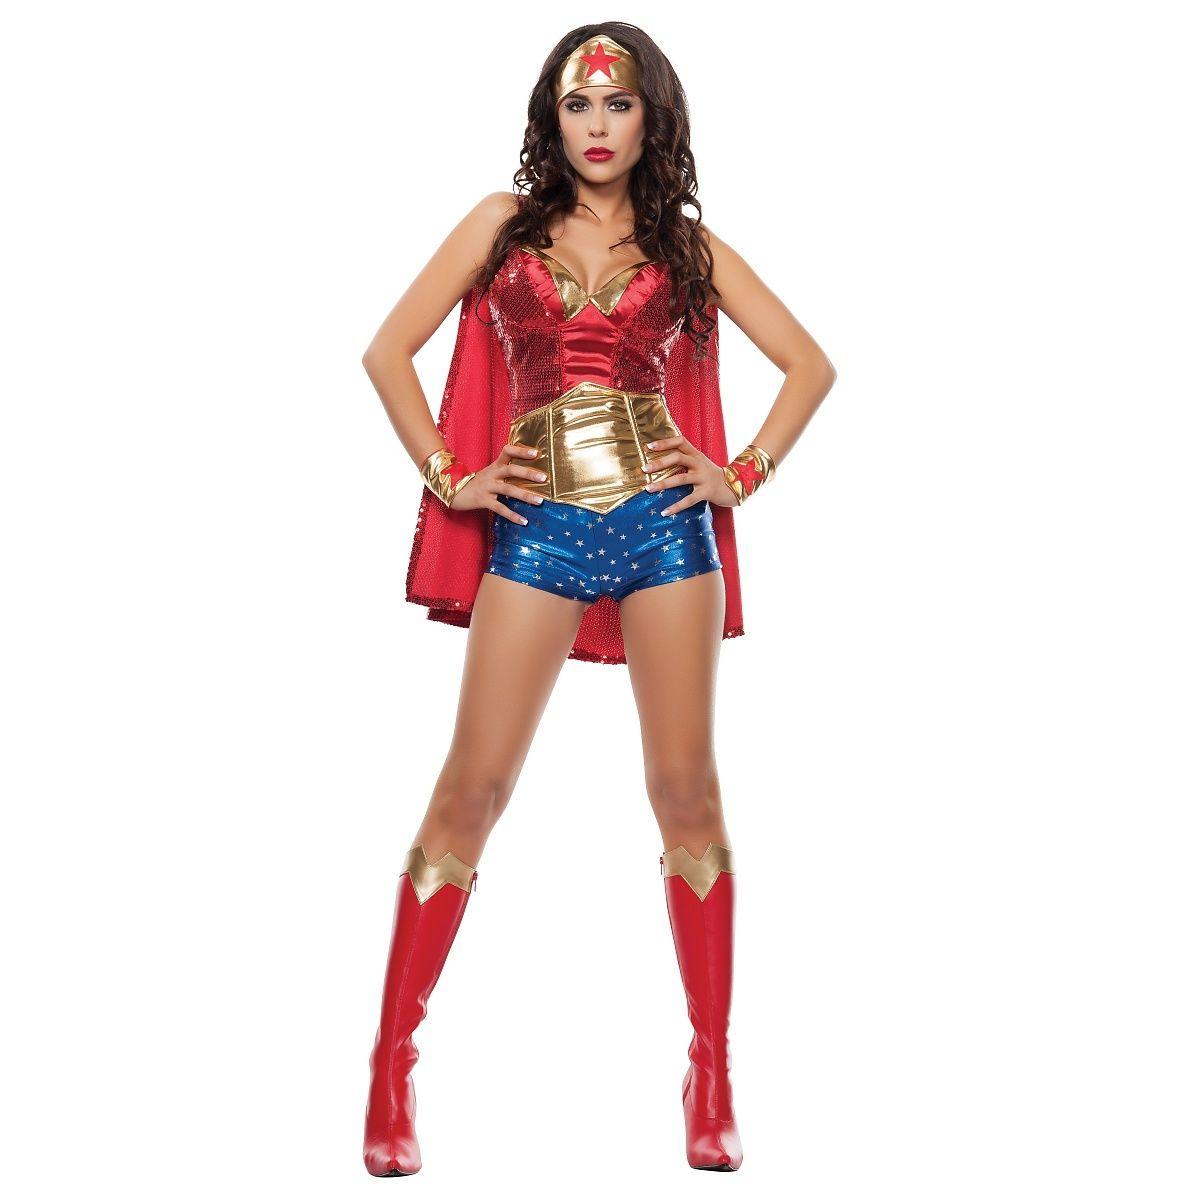 Tendencias de disfraces para Halloween 2017 por Ebay Dessignare